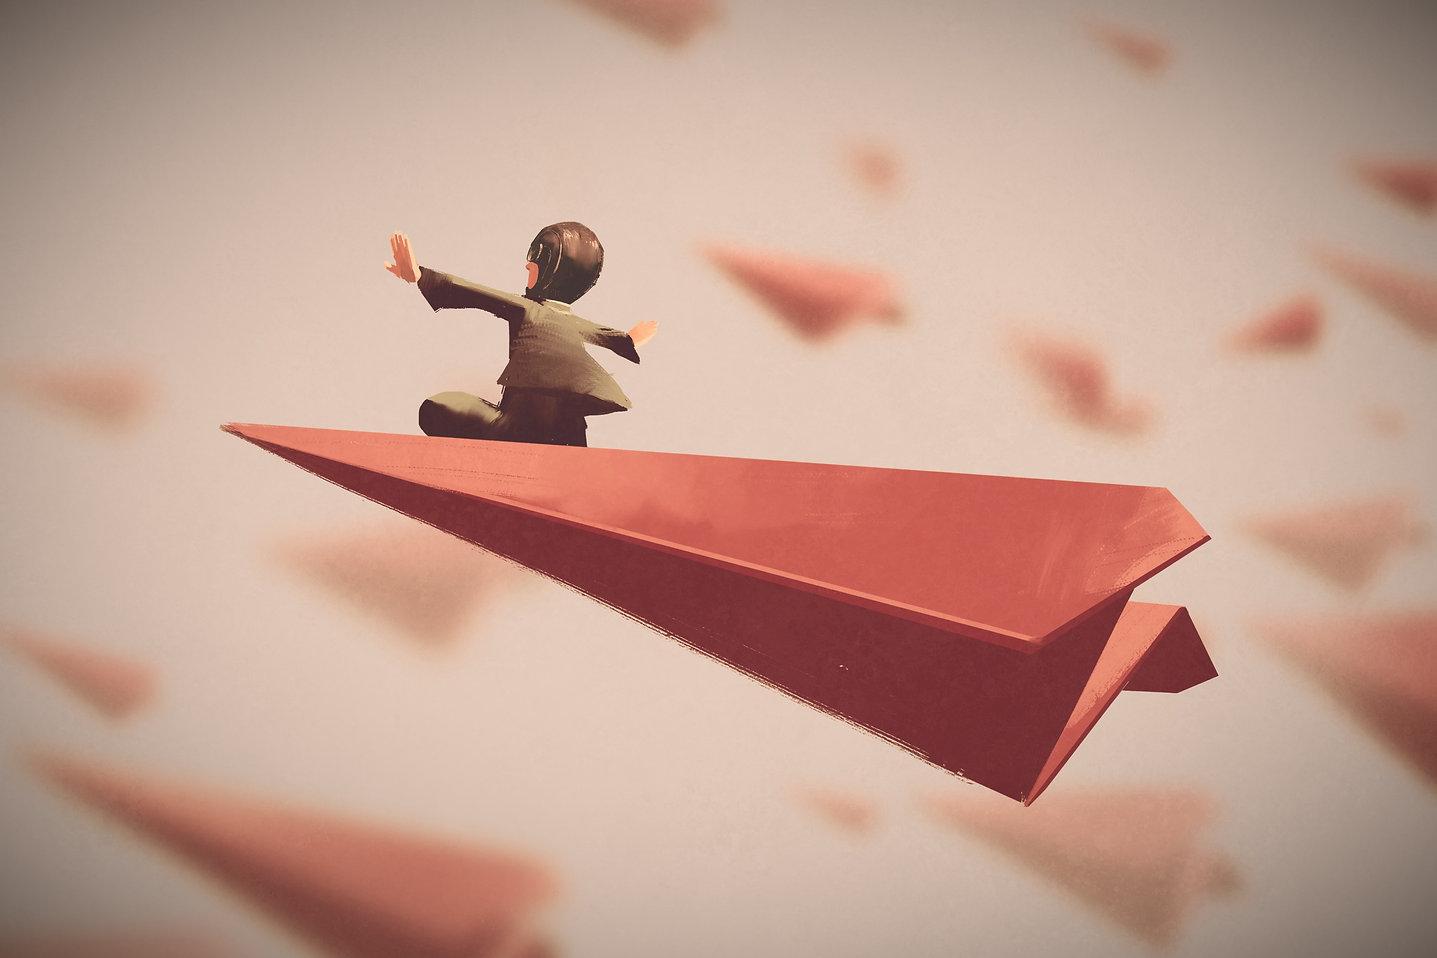 Flying Paper Airplane_edited.jpg